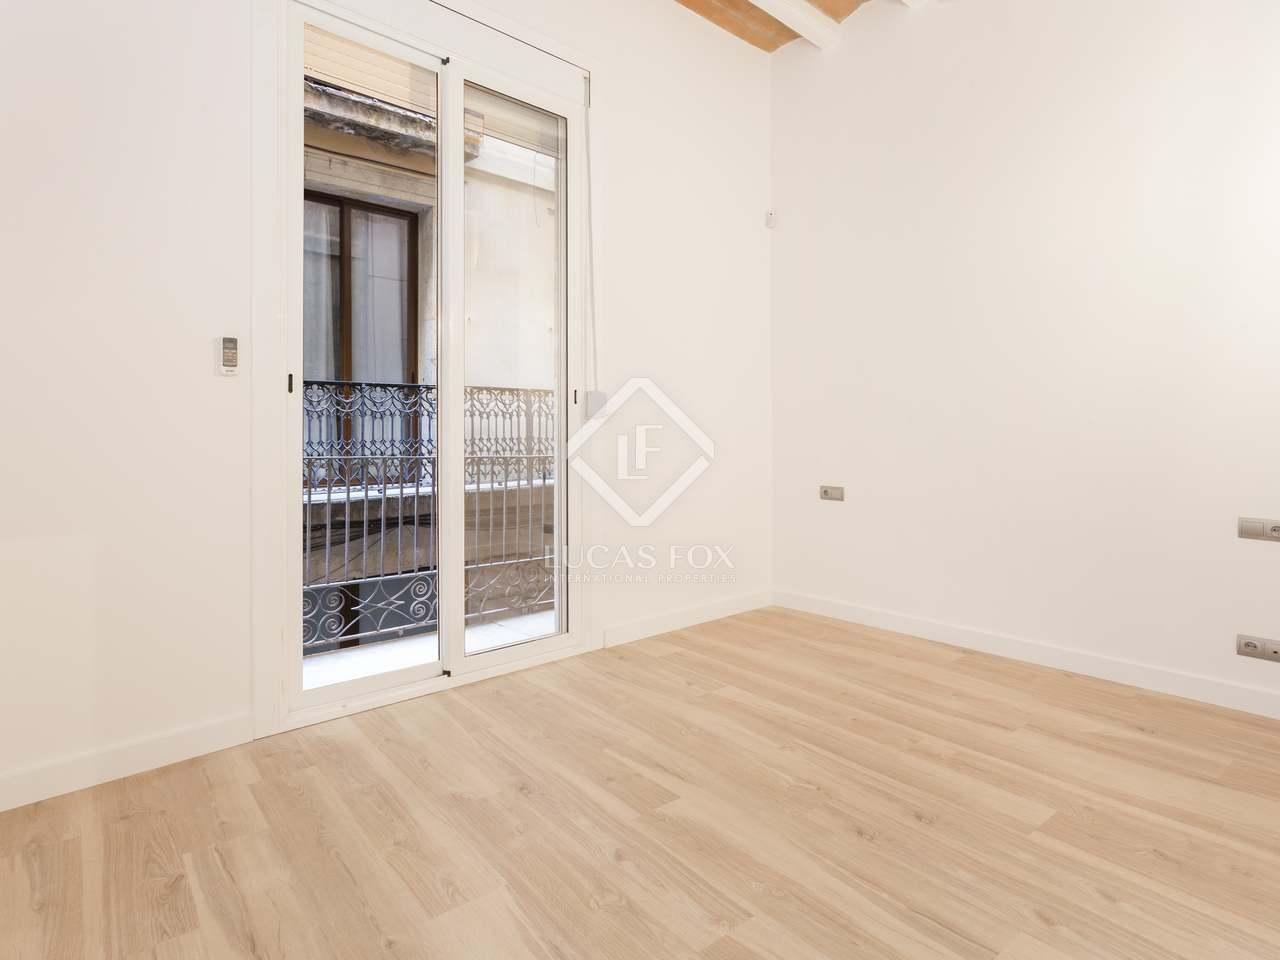 Appartement de 66m a vendre g tico barcelone - Appartement de ville anton bazaliiskii ...